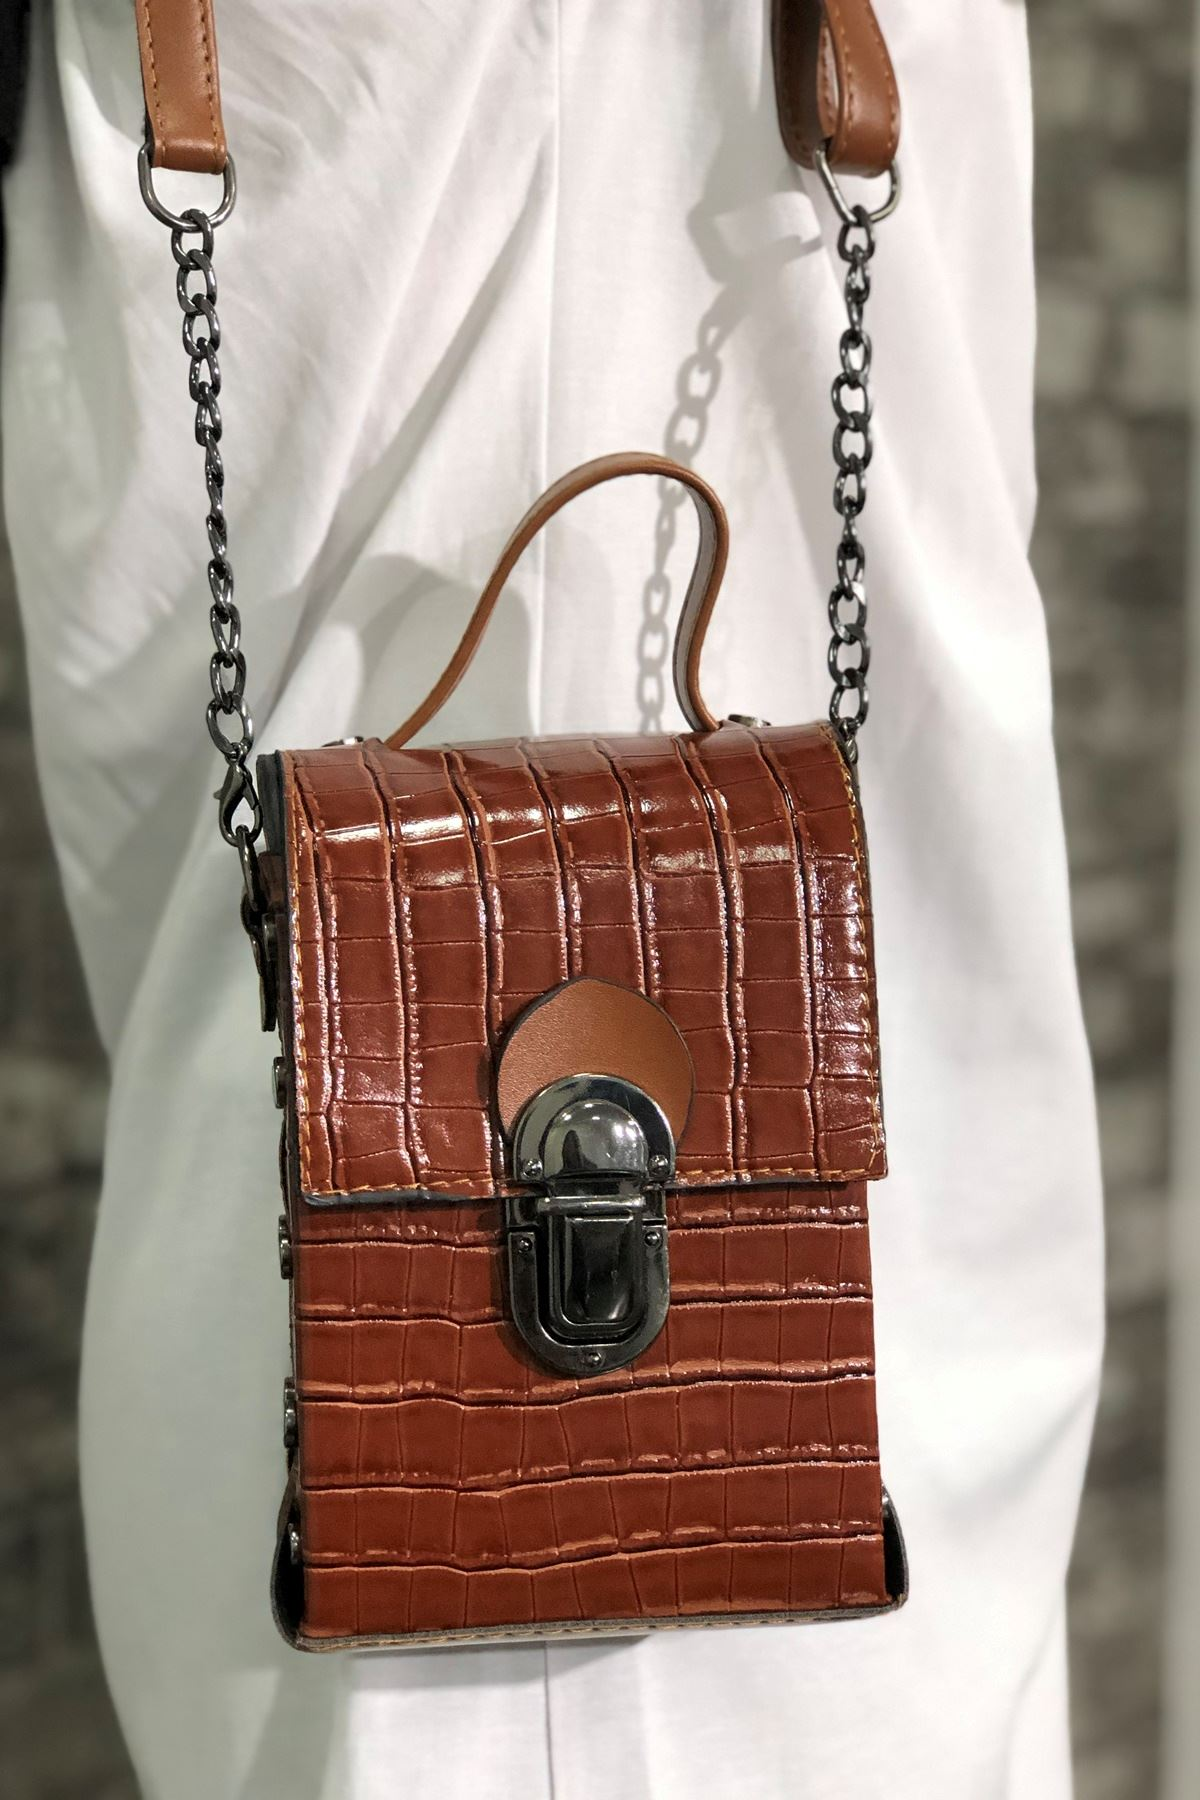 Zımba Detaylı Omuz Çanta - Kahverengi